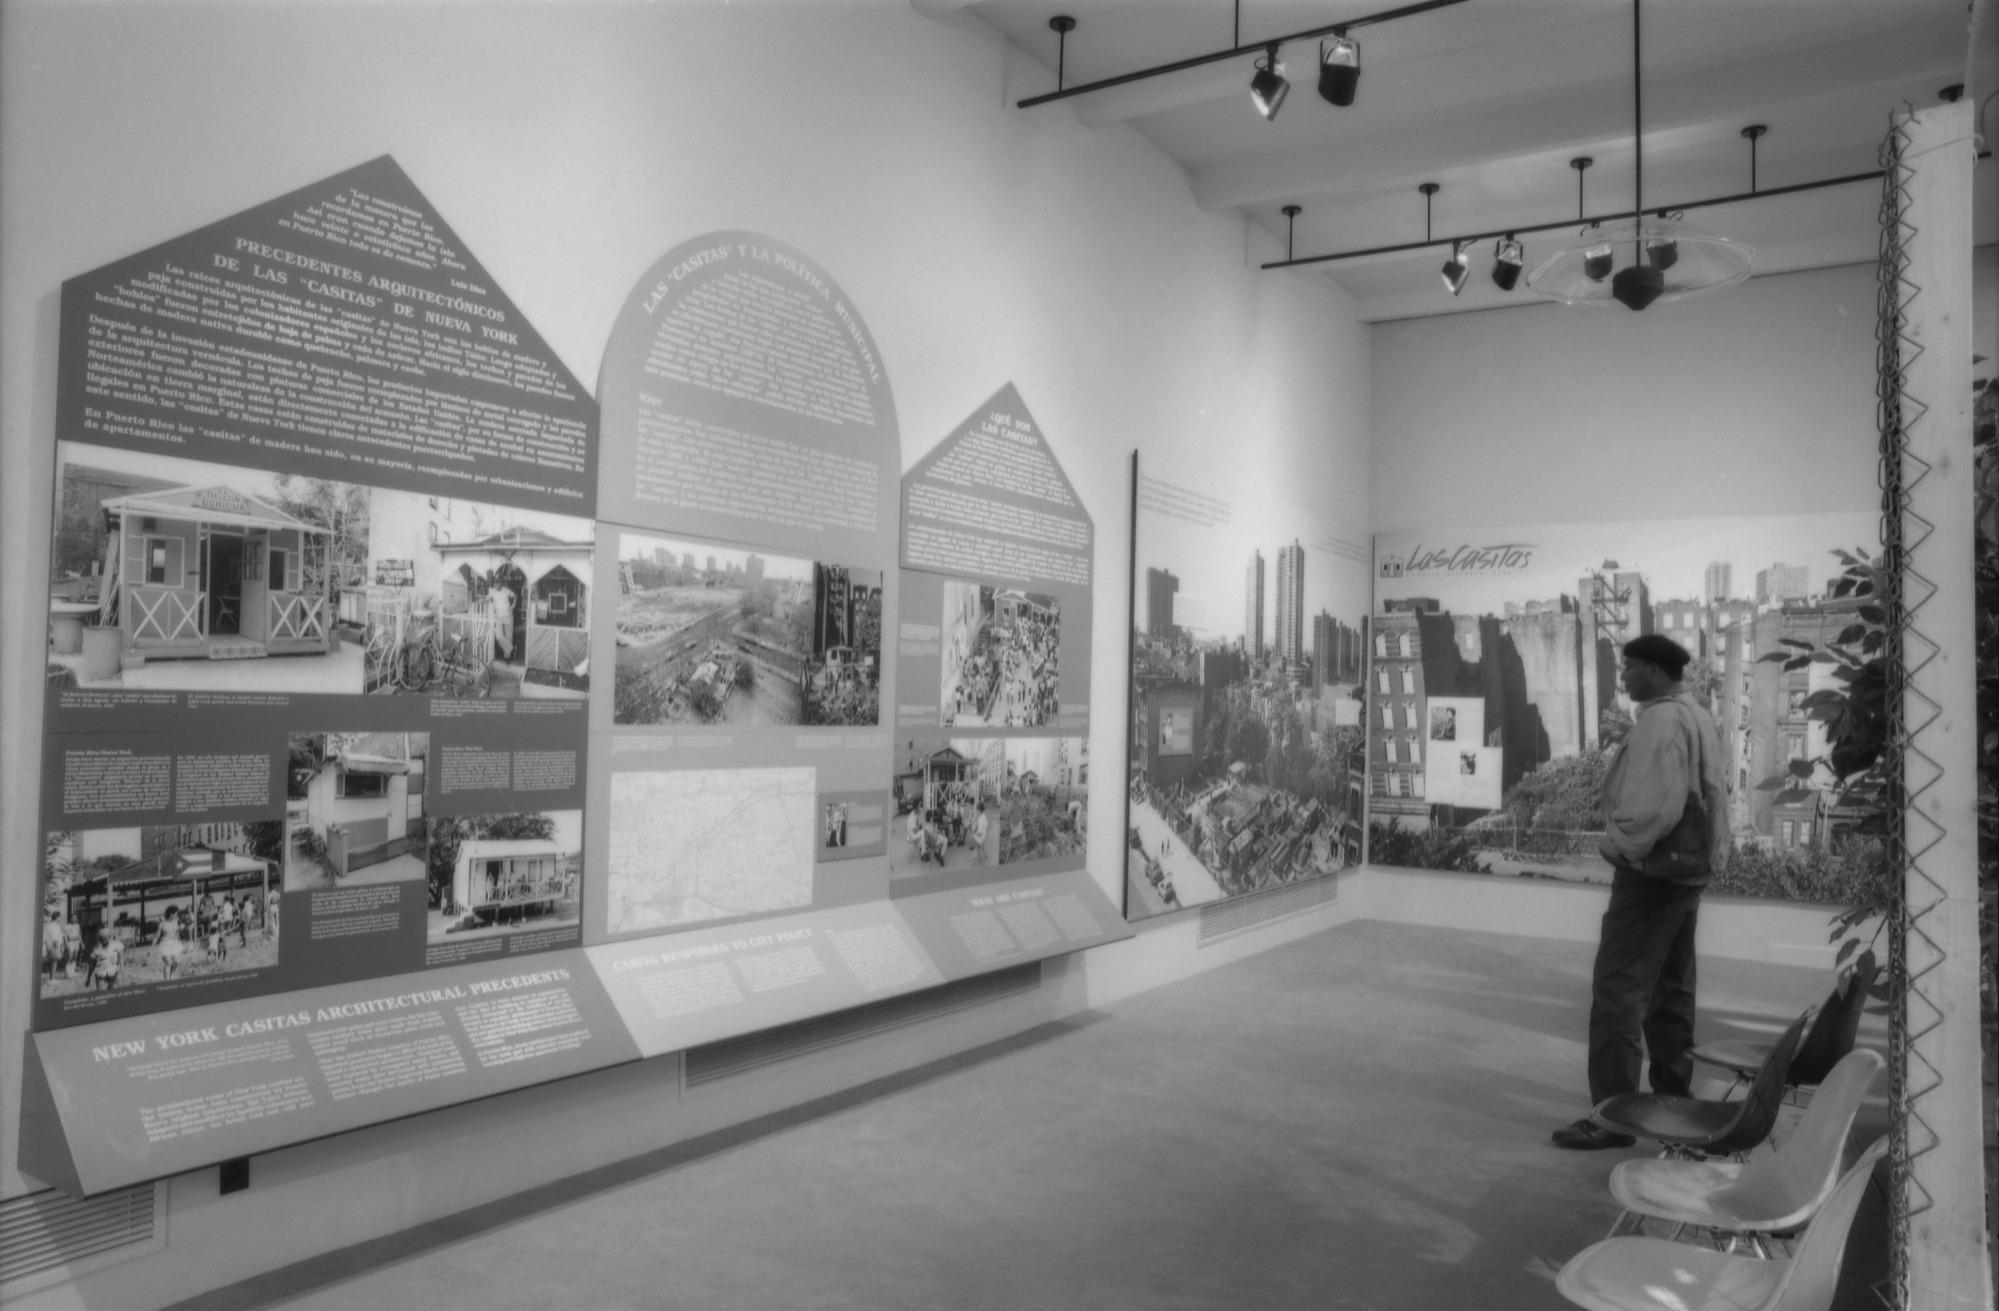 Las Casitas Exhibit, by Vargas, Rick, 1991, Smithsonian Archives - History Div, 91-3653-27.